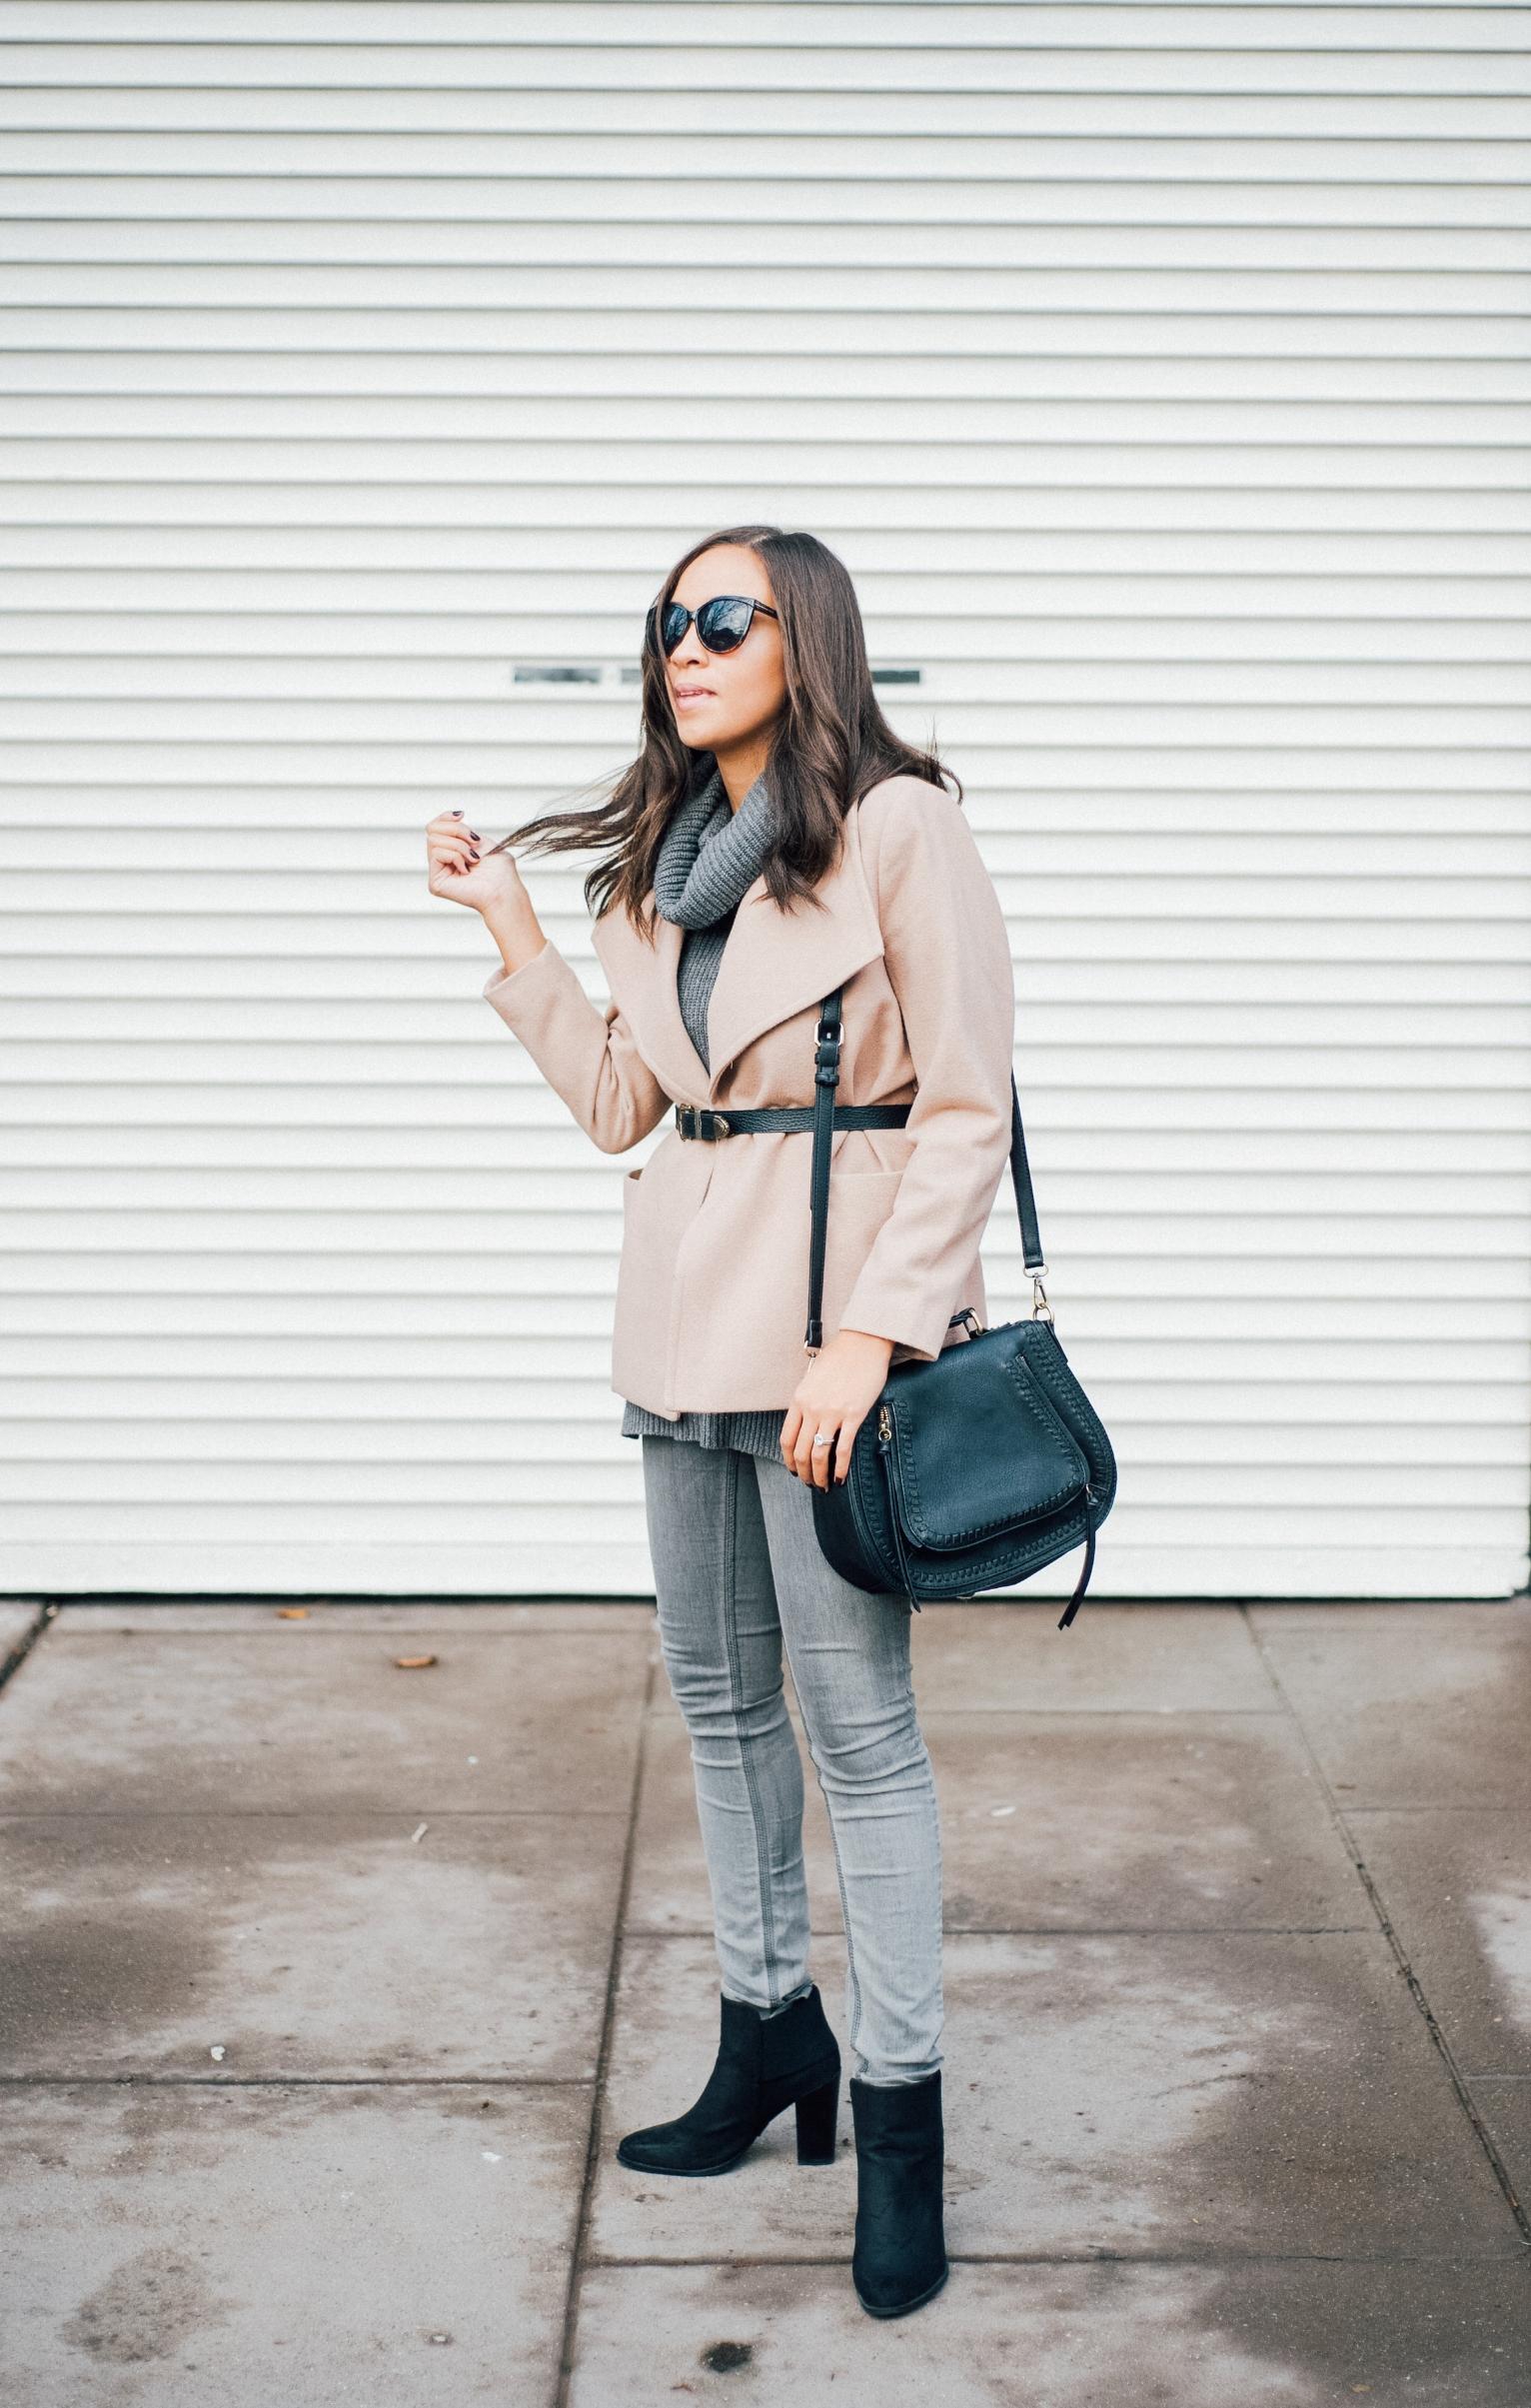 Grey Turtleneck Sweater + Vintage Belt 5.jpg